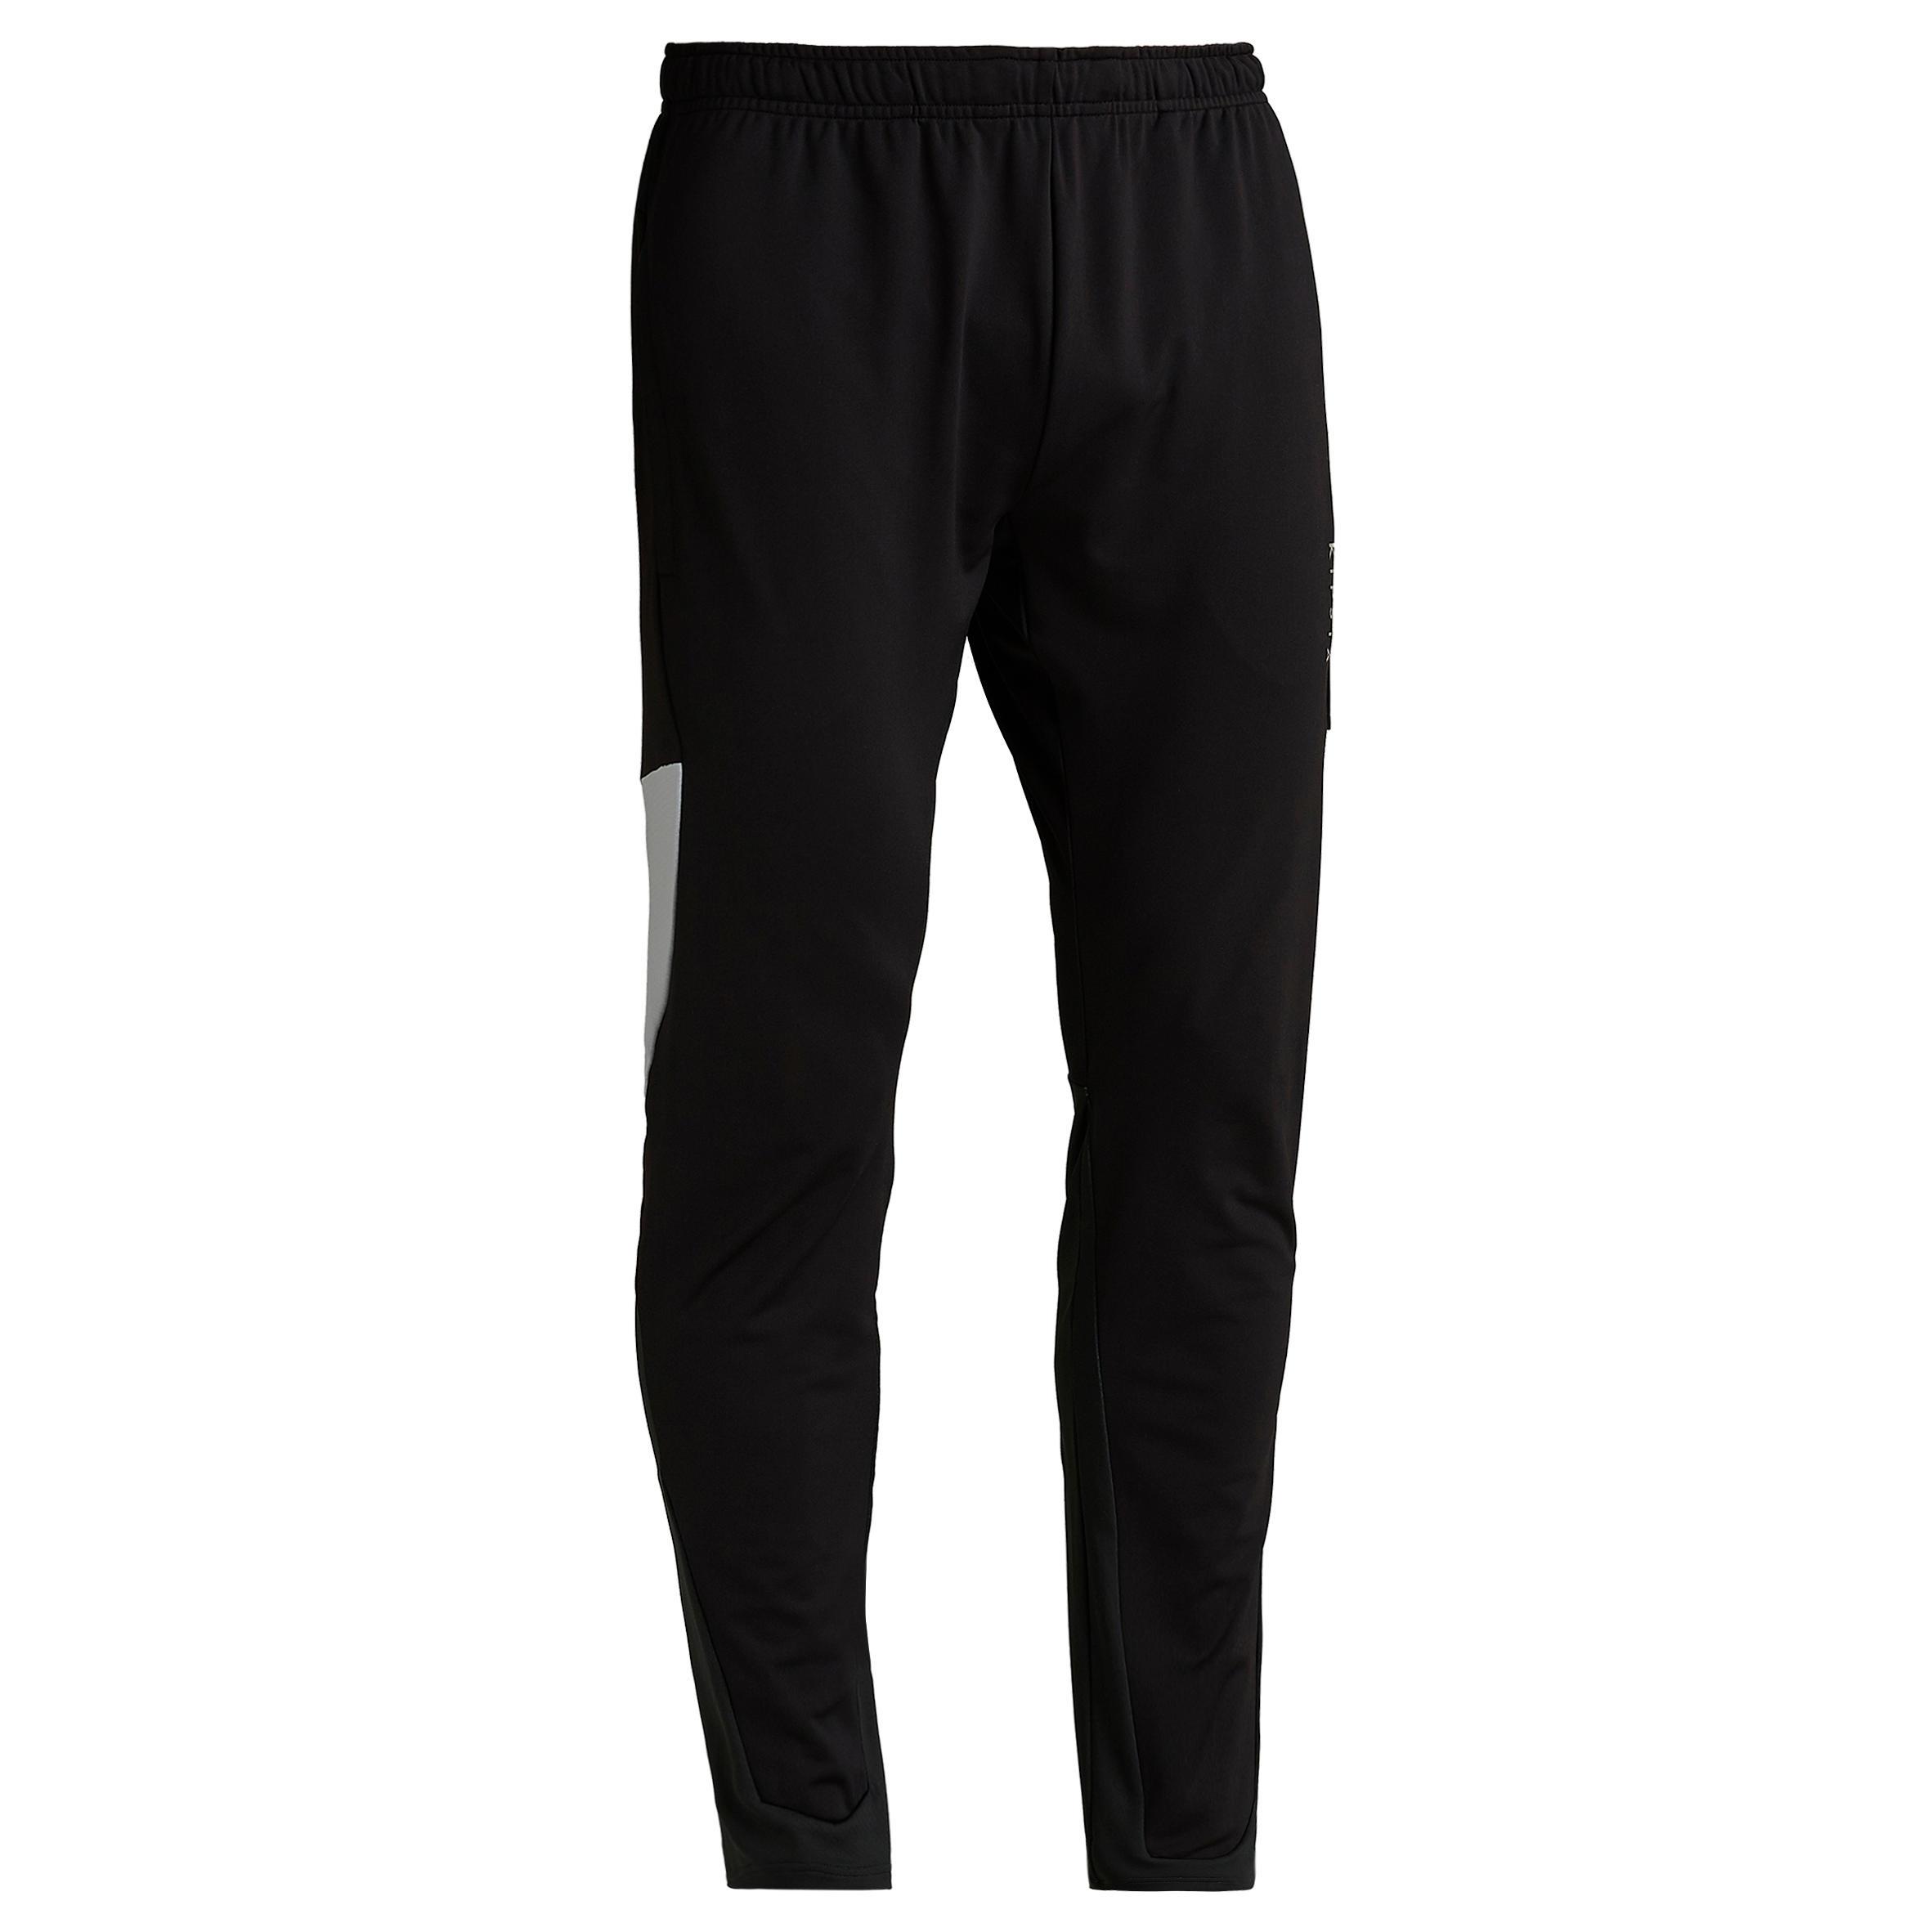 Pantalón de fútbol T500 negro carbono